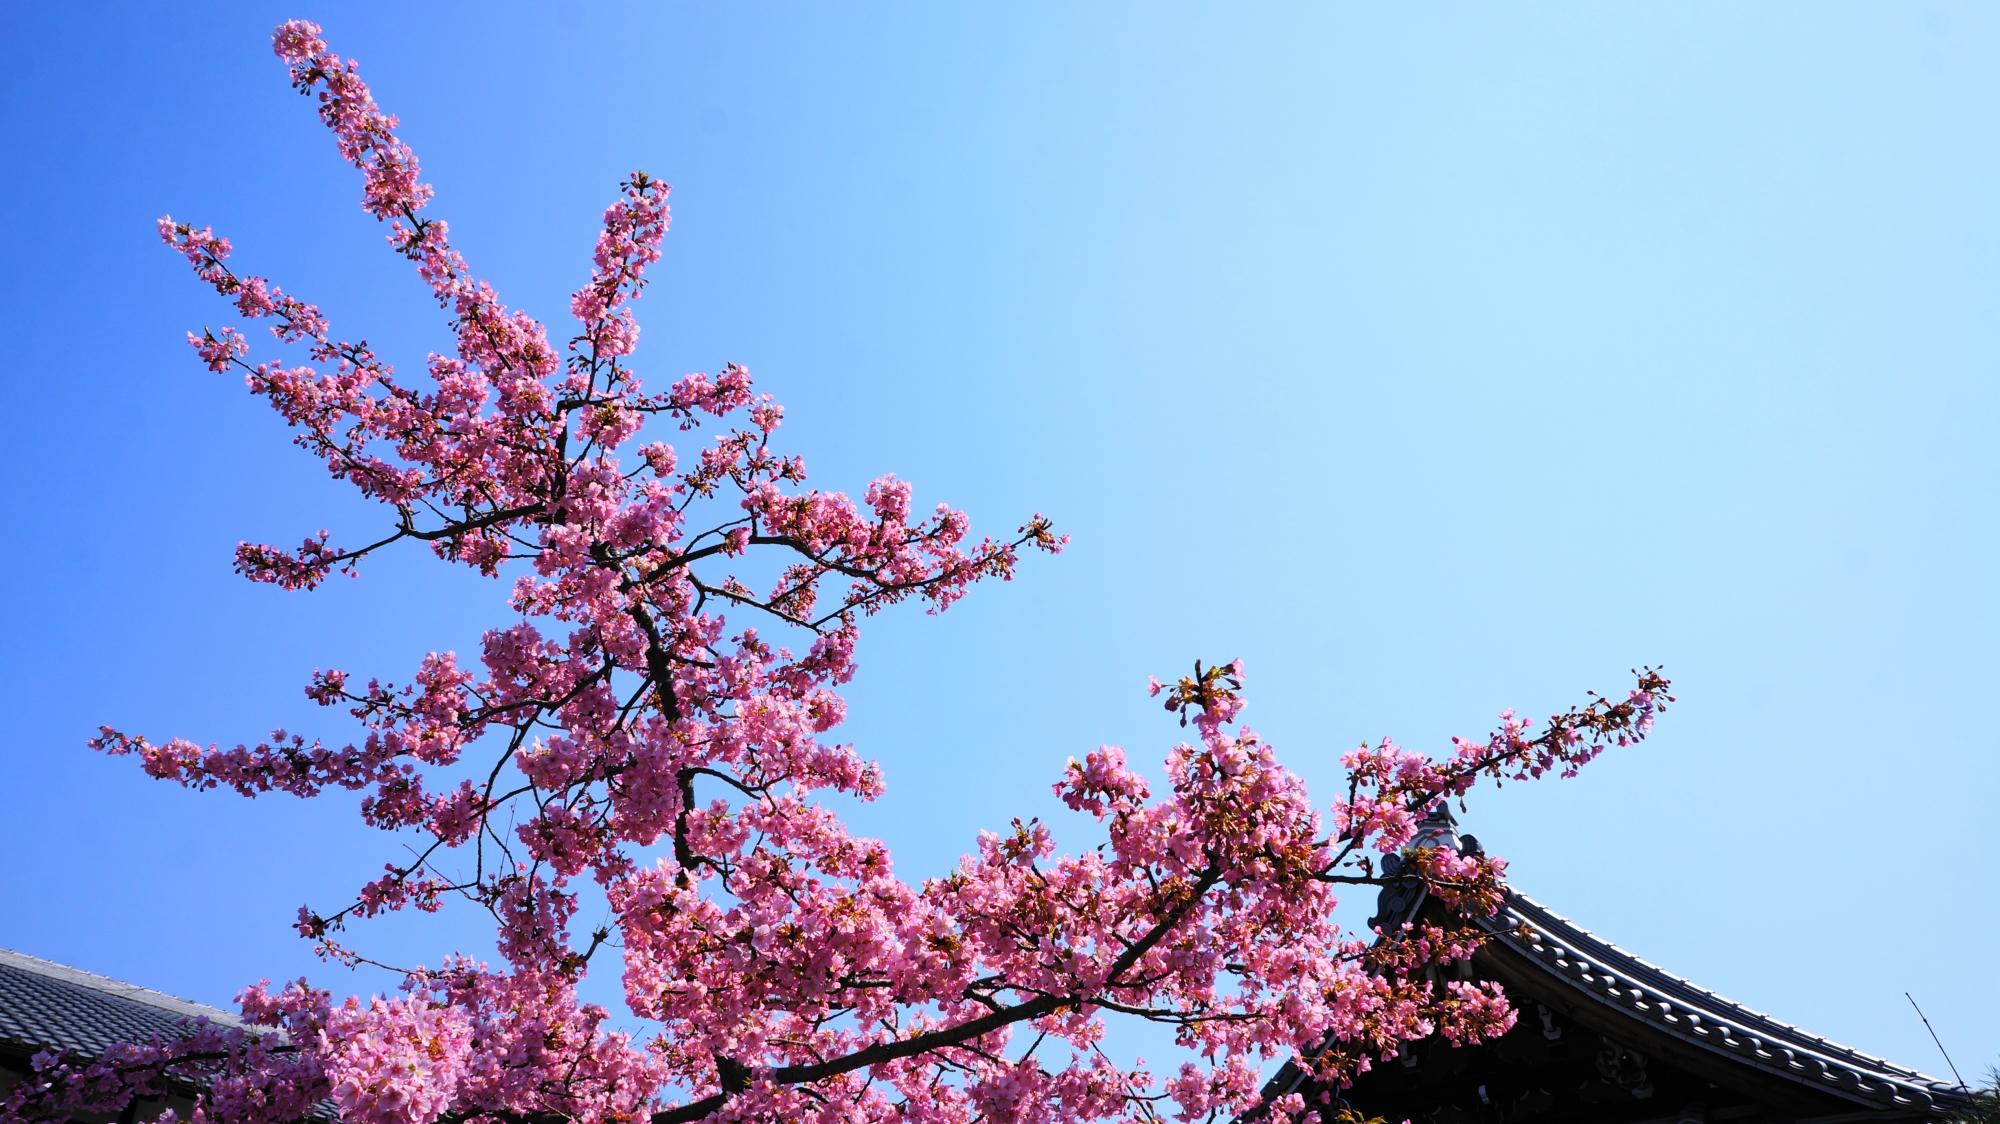 青空に映える濃い目の鮮やかなピンクの花